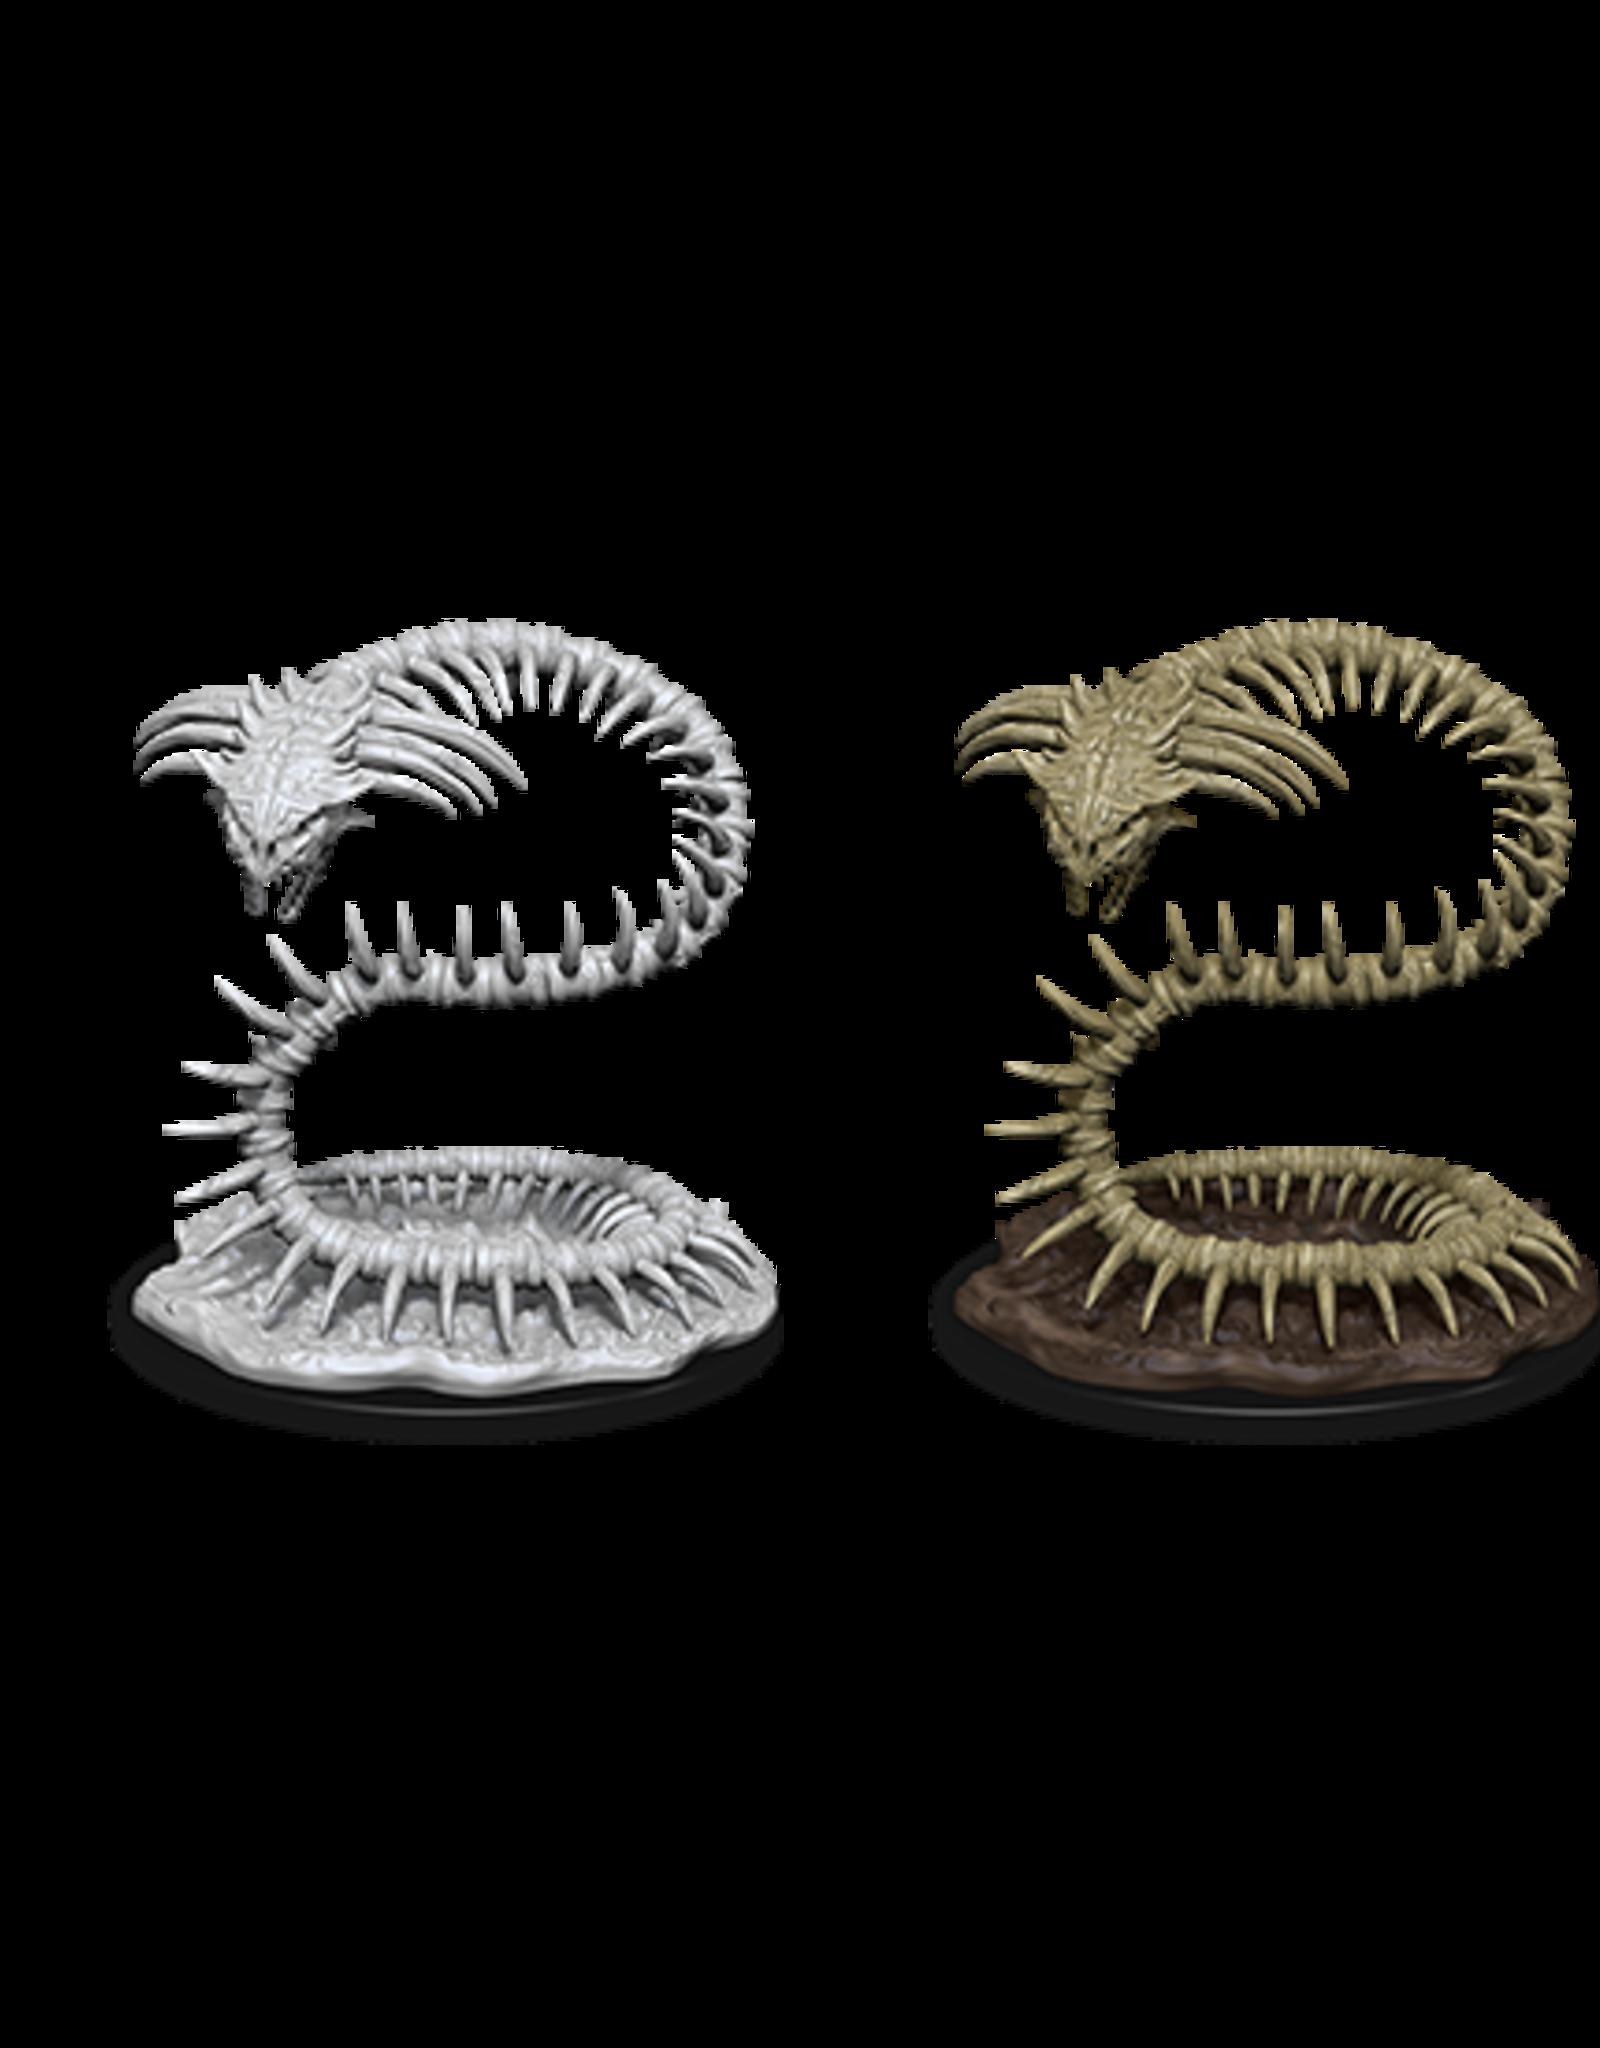 Nolzur's Marvelous Miniatures D&D D&D NMU - Bone Naga (W12)